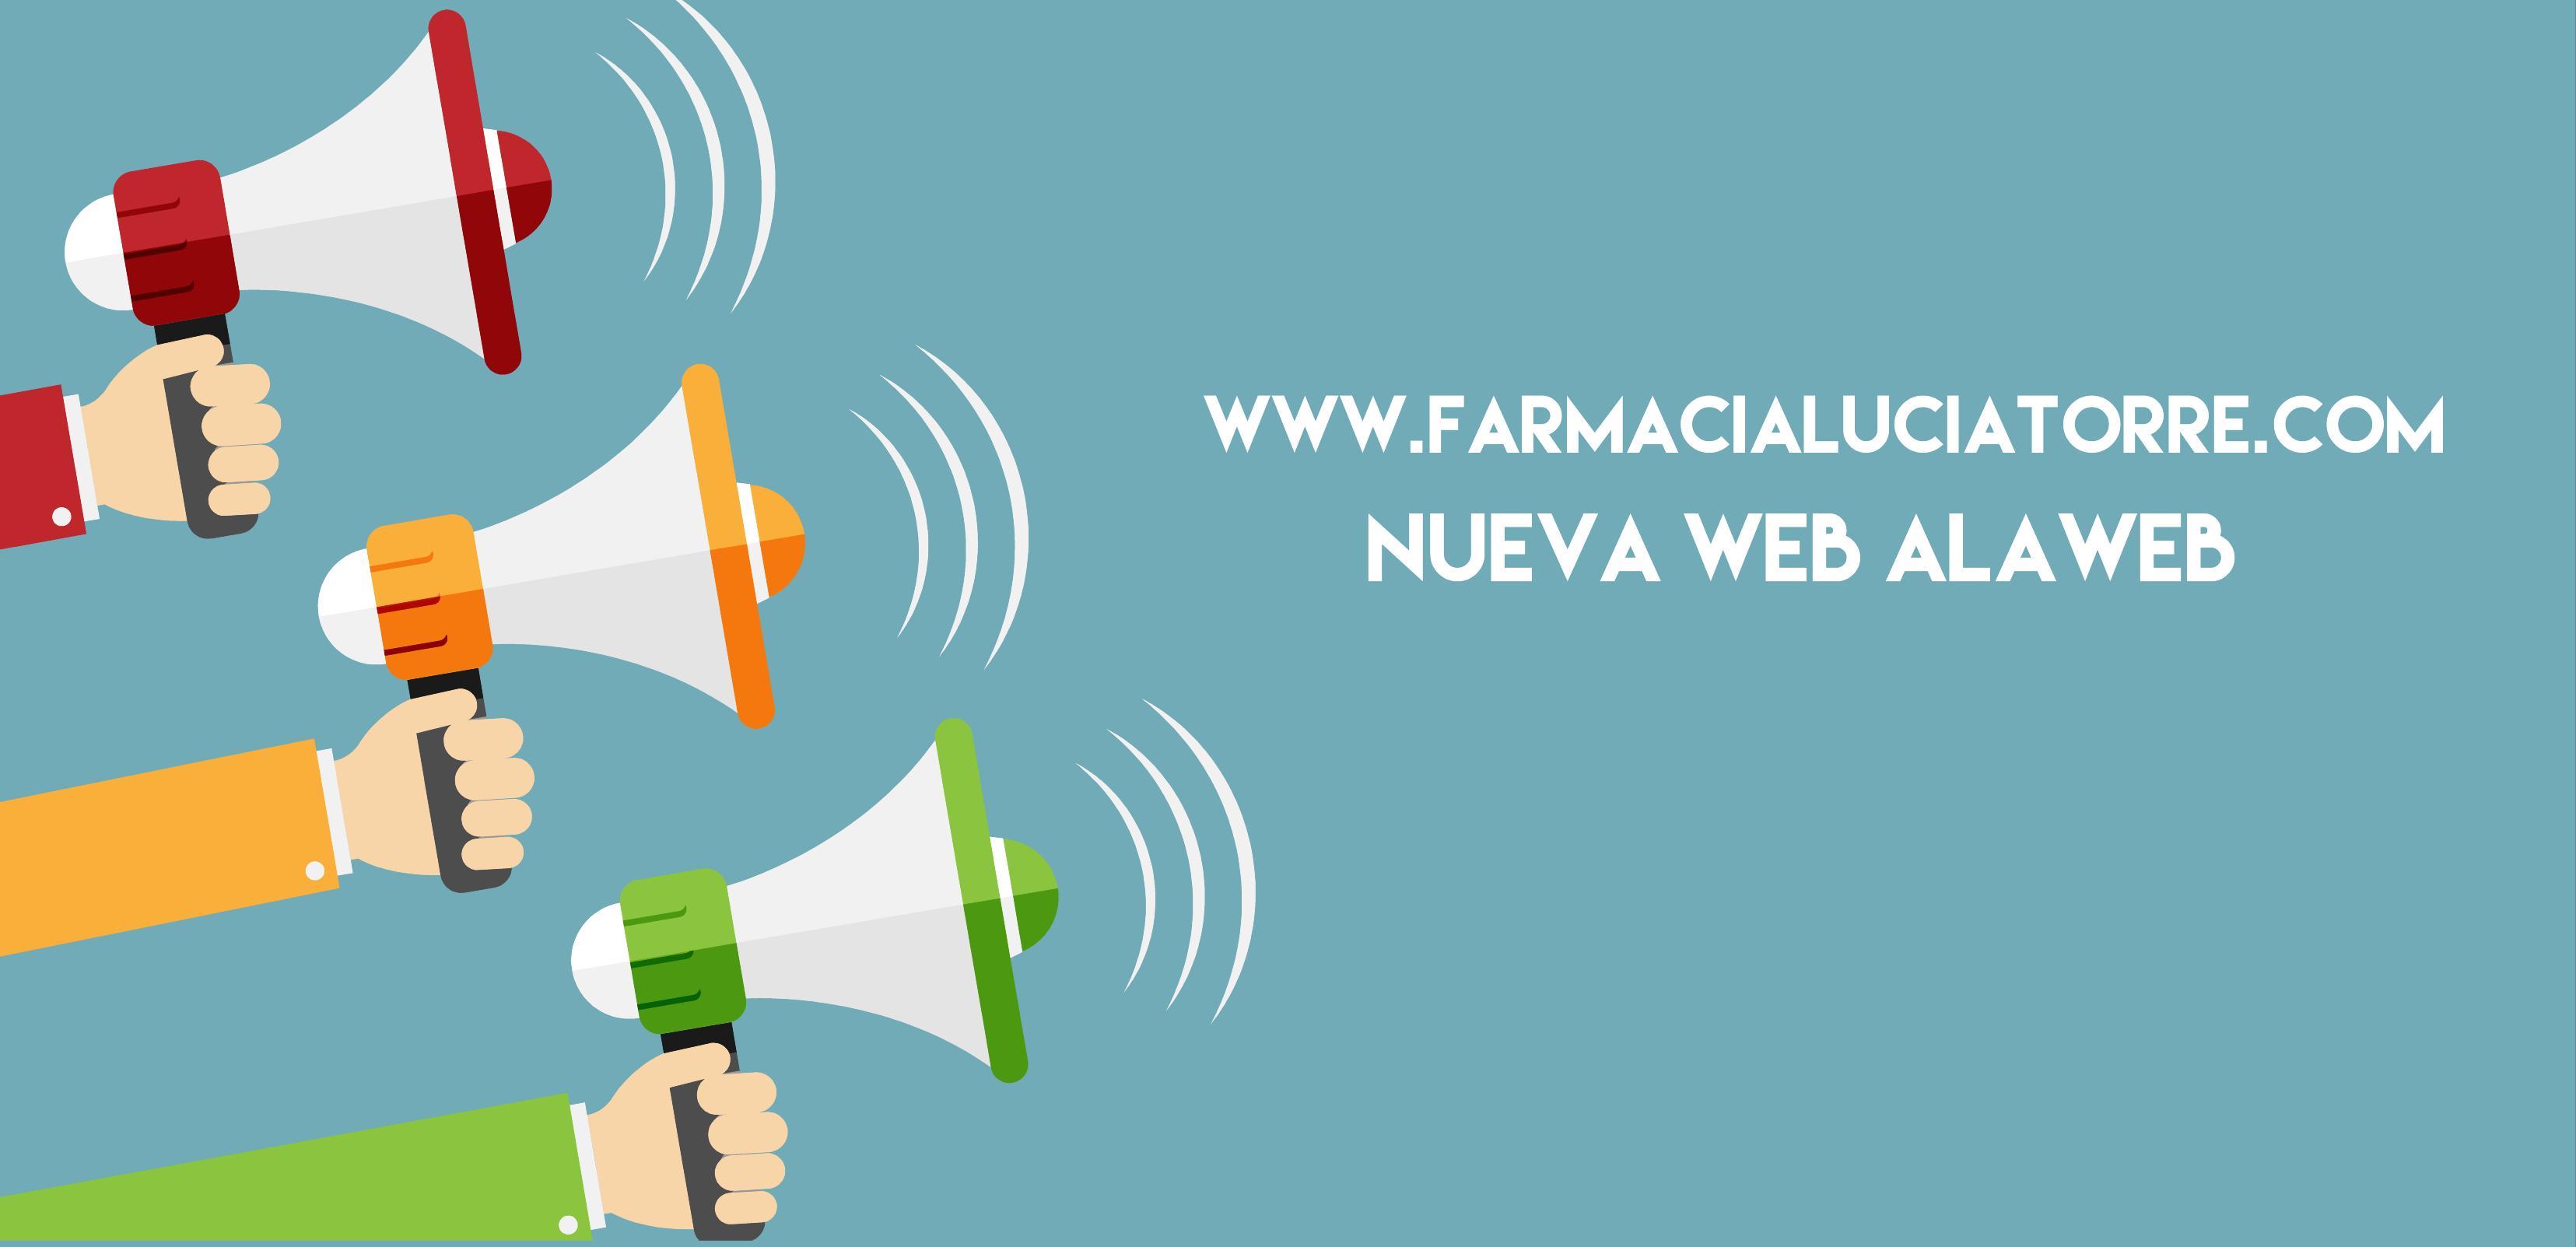 Nueva_web_alaweb